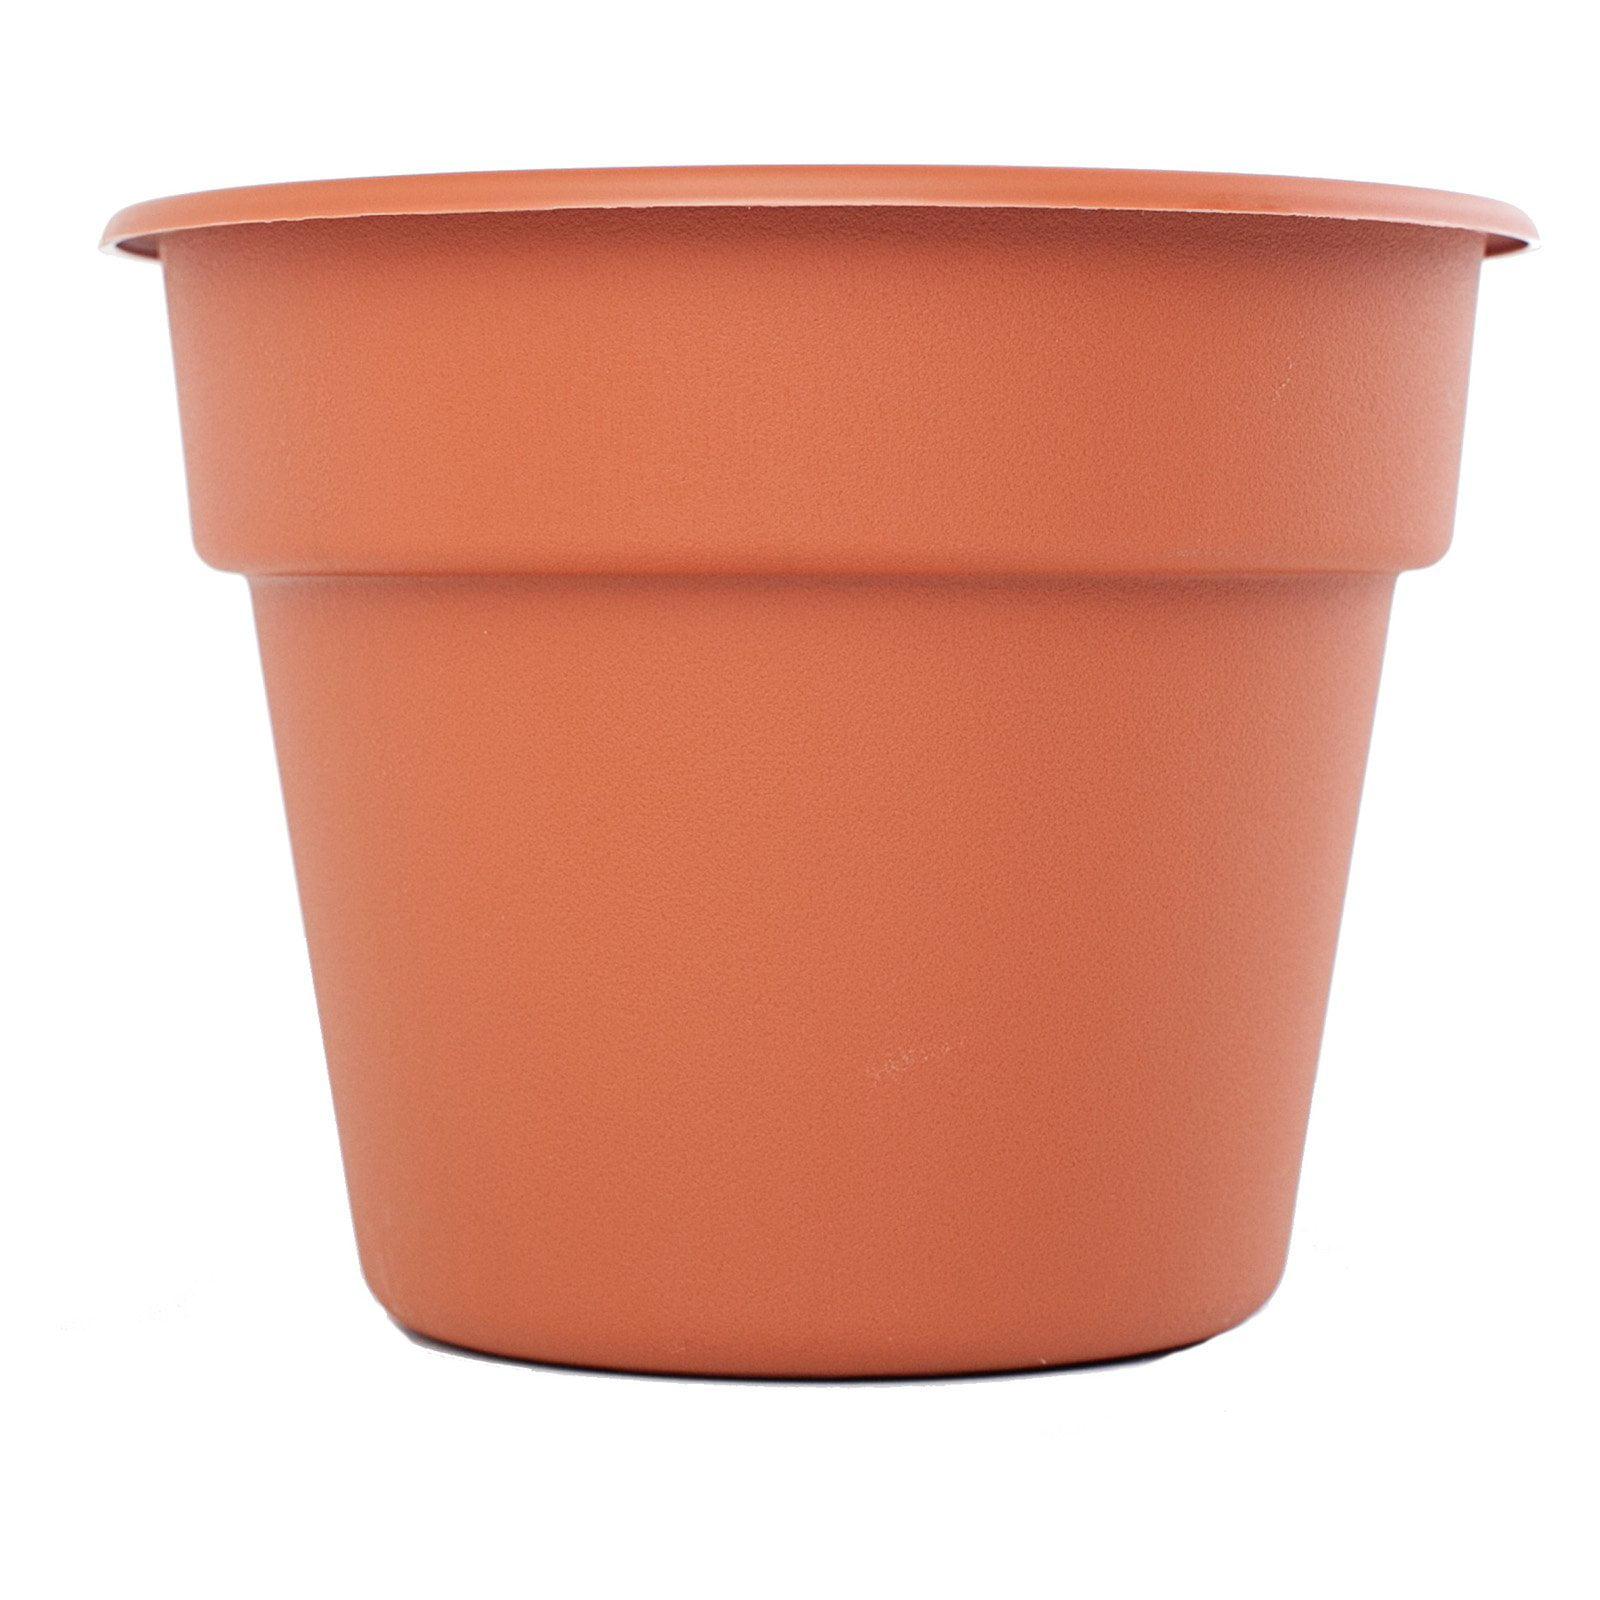 Bloem Dura Cotta Plastic Round Planter